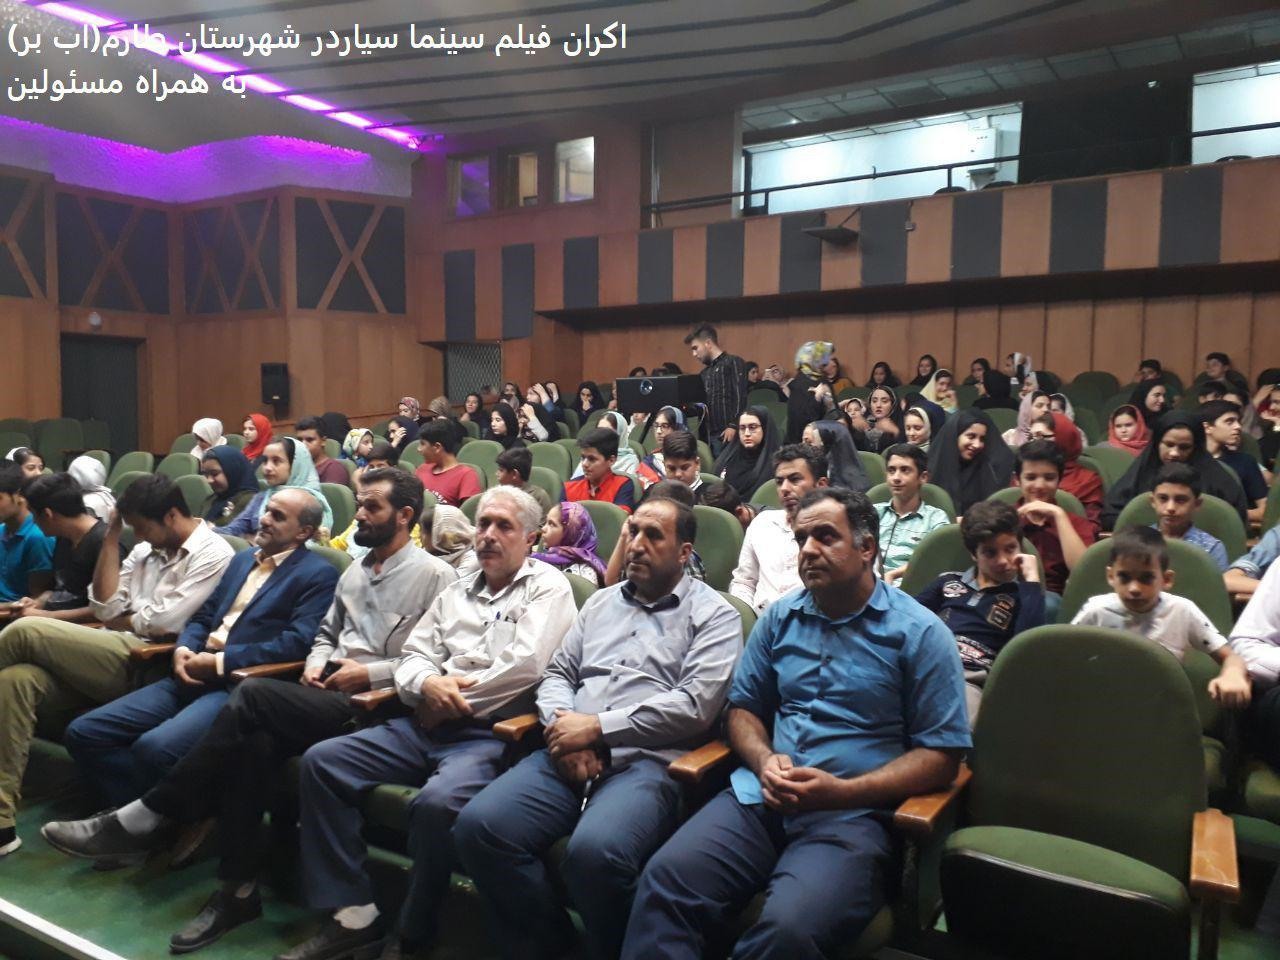 افتتاح سینما سیار در شهرستان طارم